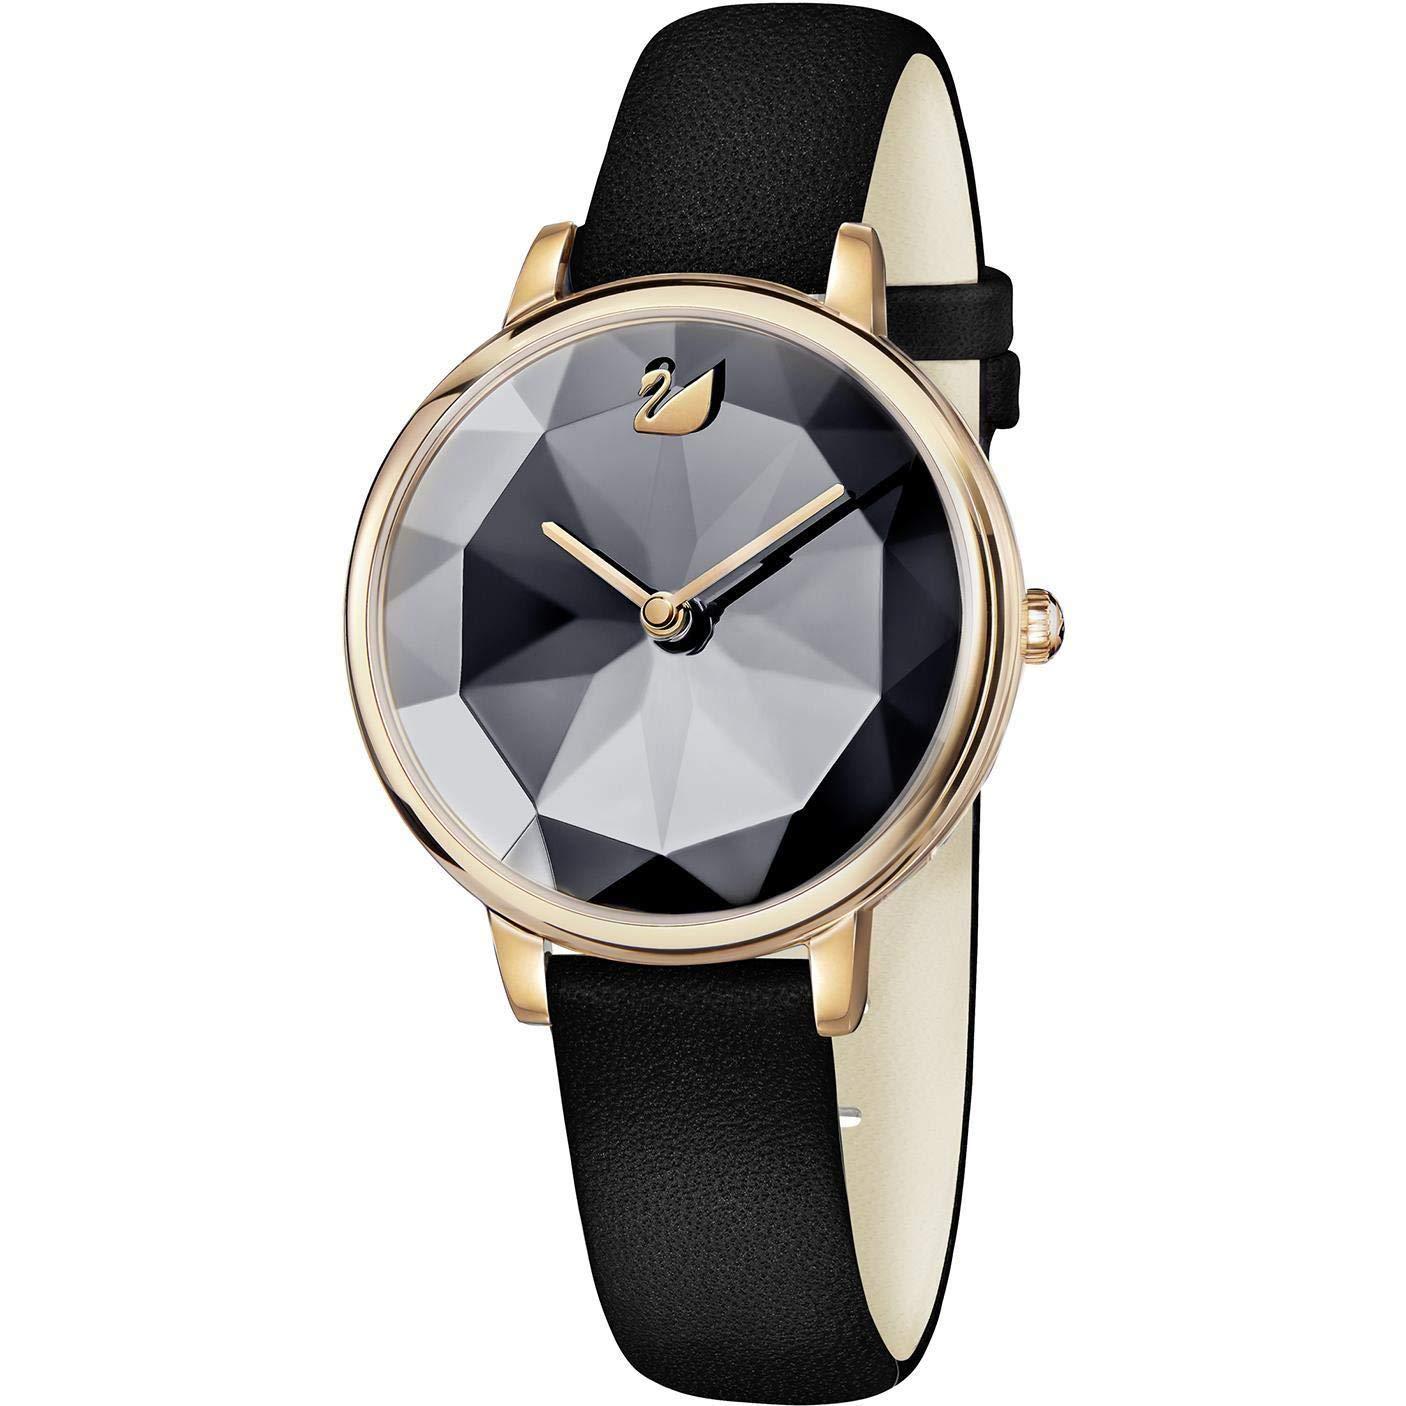 Damen Quarz Armbanduhr Edelstahl 5416009 Leder Armband Swarovski 35mm Gehäuse trhsQd